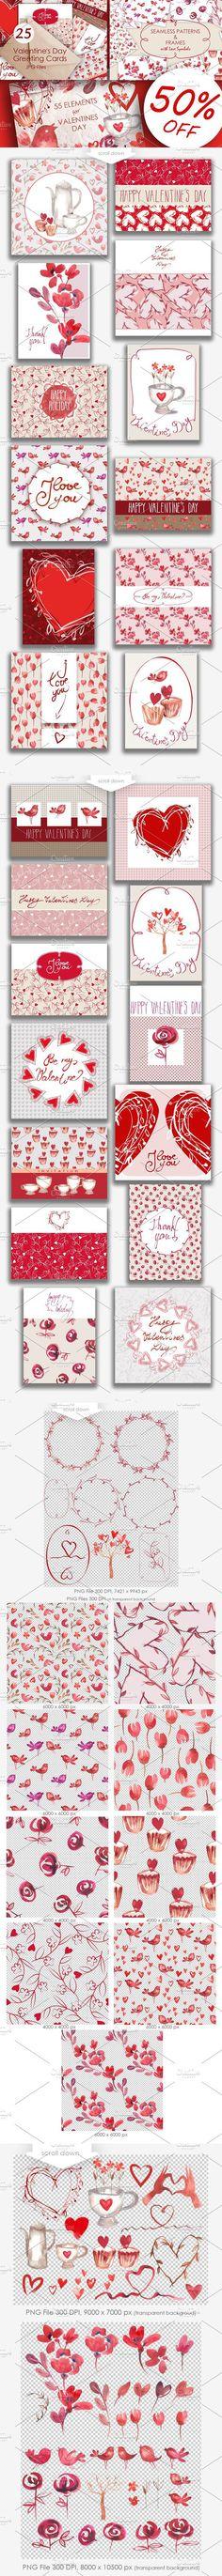 Valentines Day Bundle - 50% OFF. Be My Valentine. $30.00